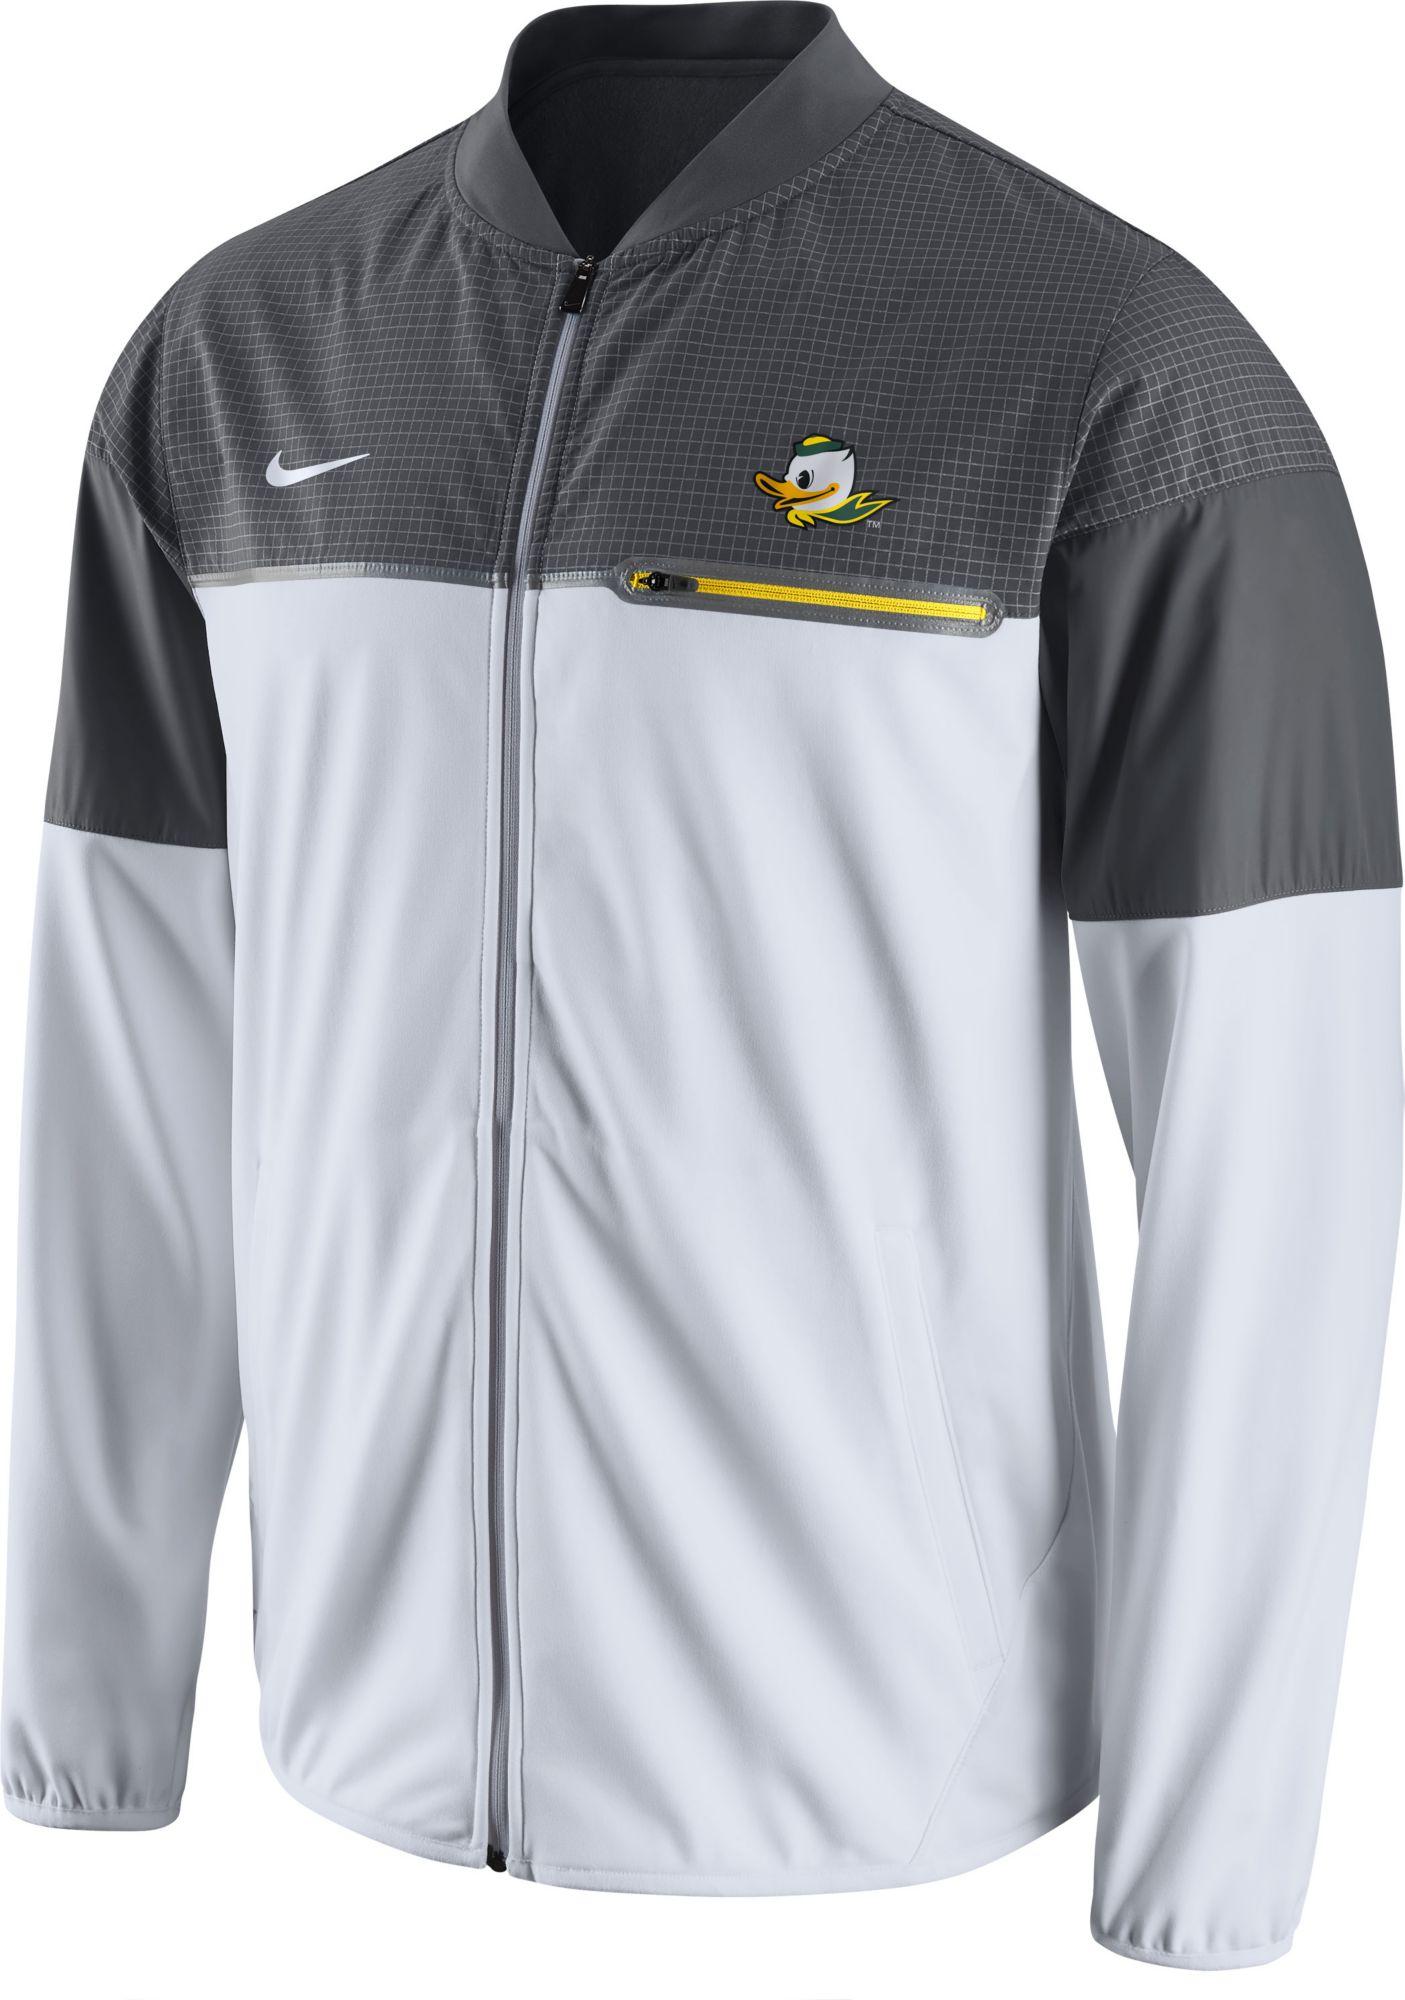 Nike jacket grey and white - Noimagefound